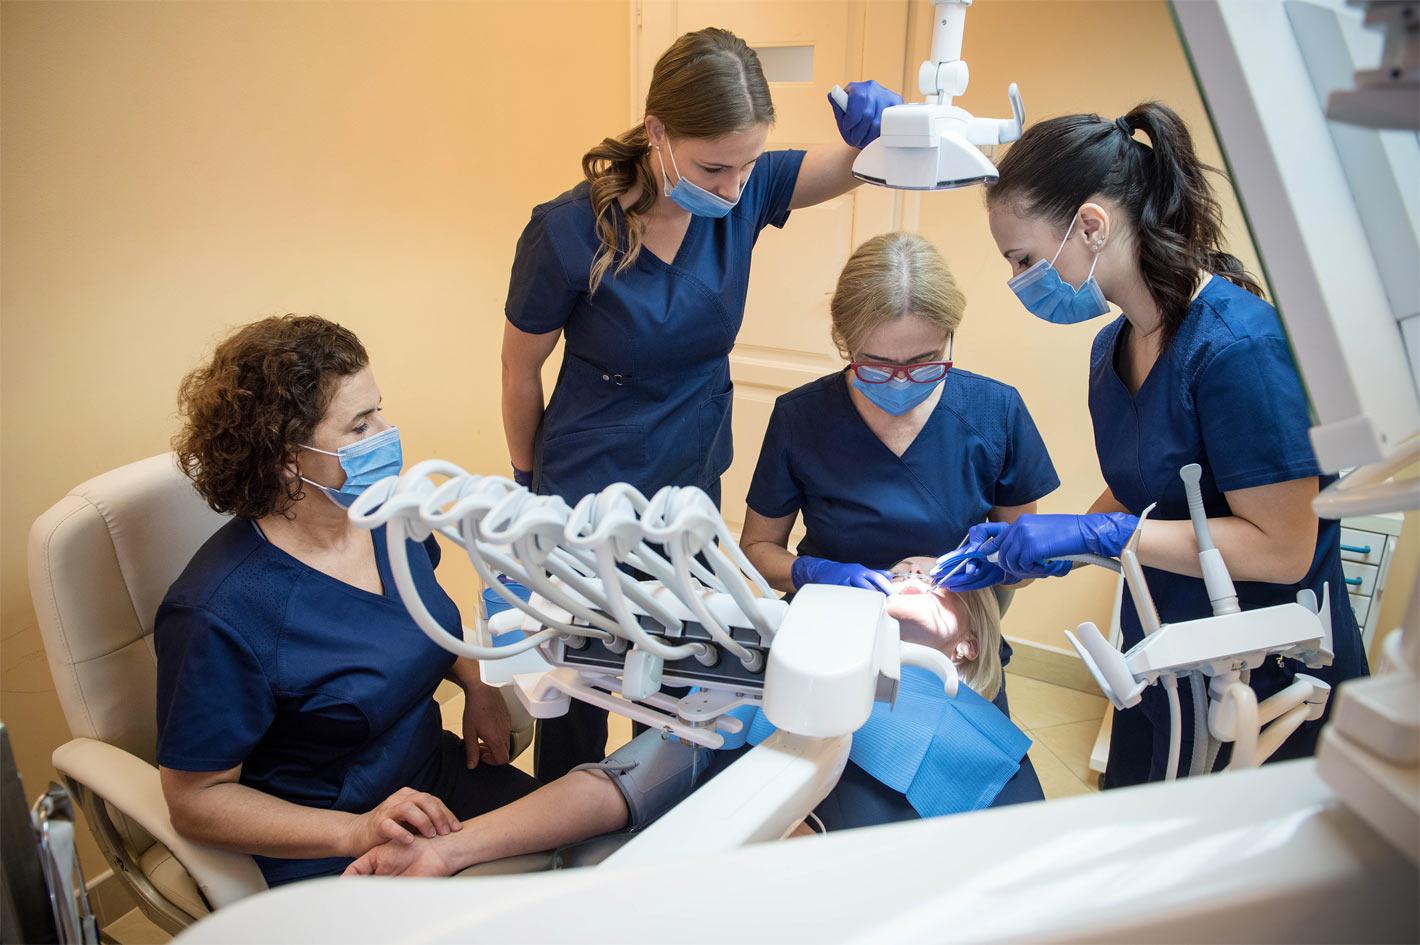 fogászati közös kezelés izületi fájdalomcsillapító készülék